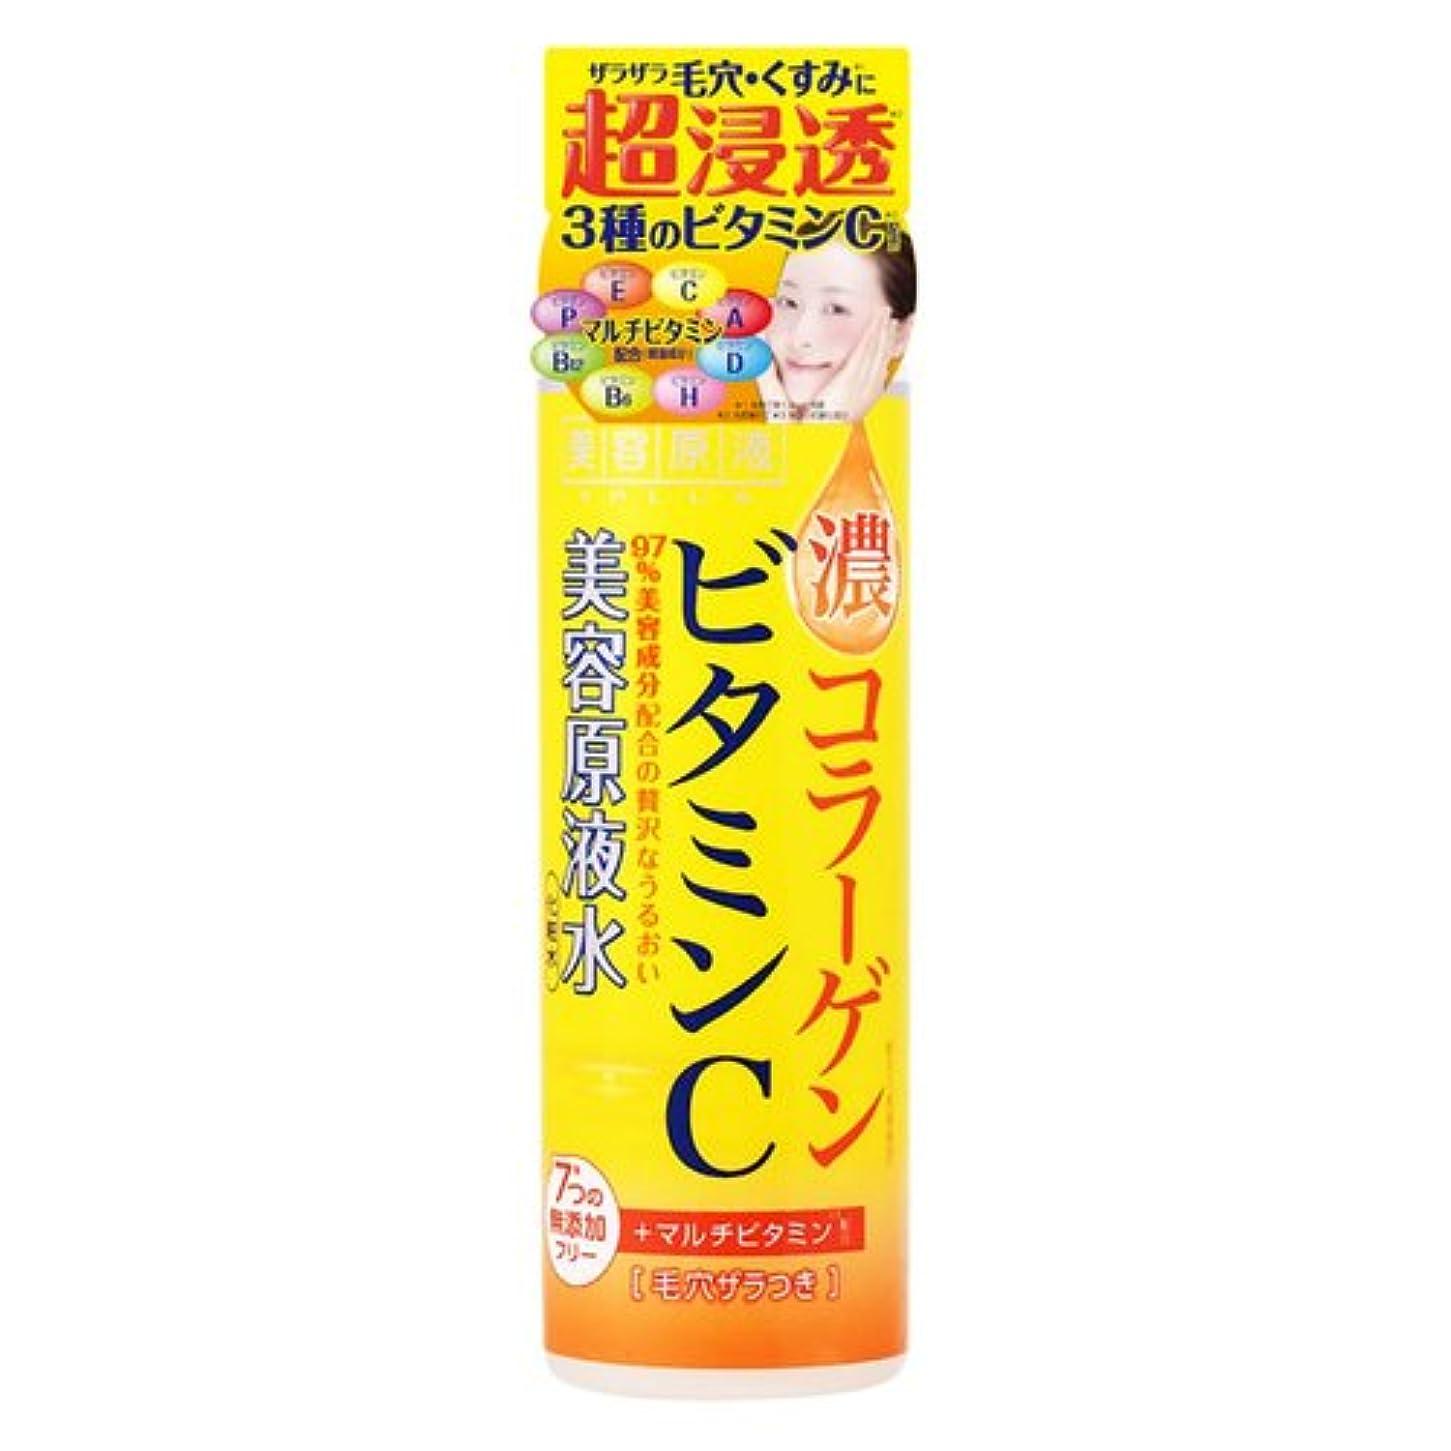 宝きゅうりバランスのとれた美容原液 超潤化粧水VC 185mL